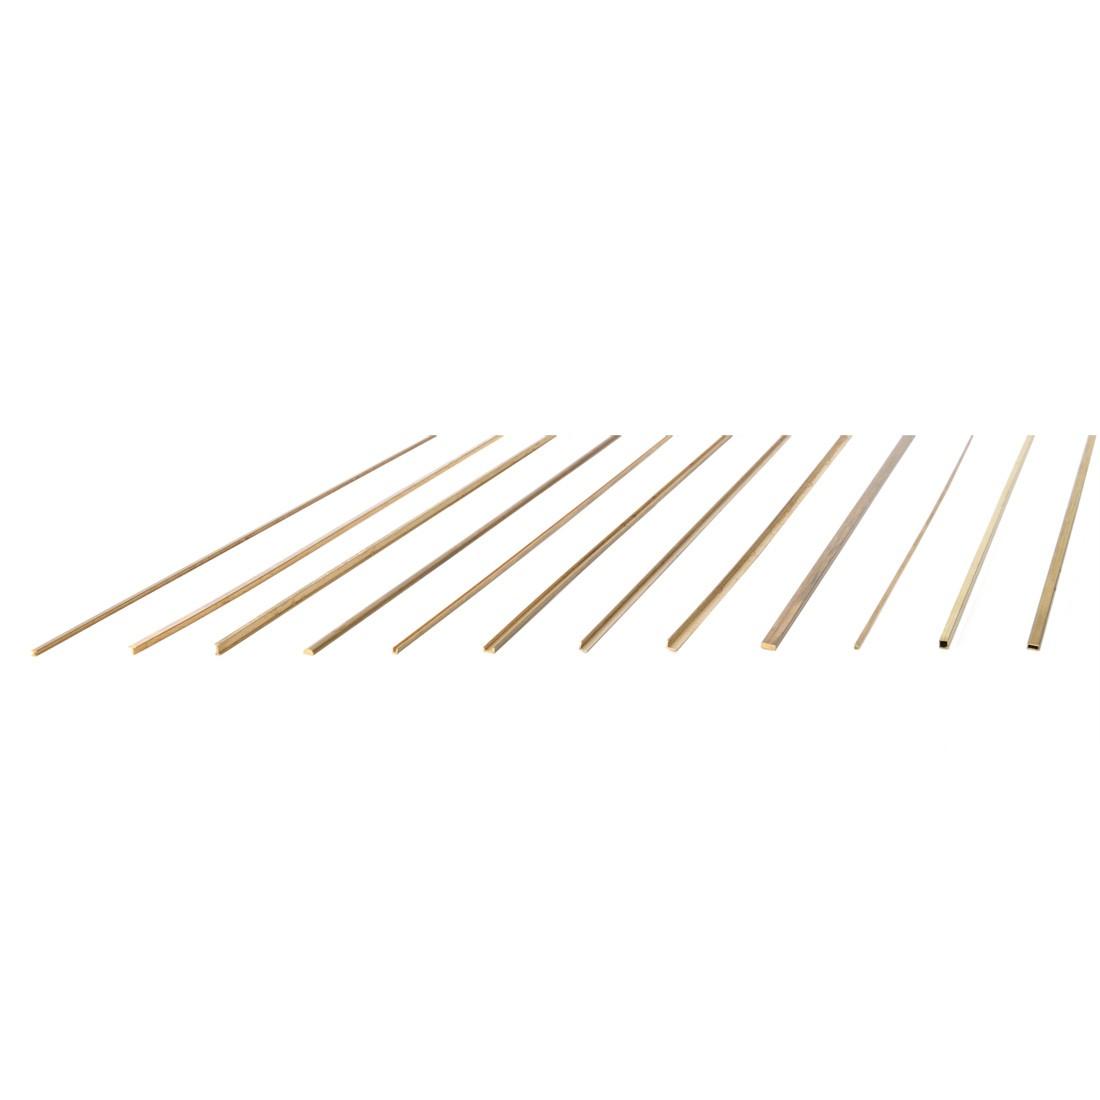 Micro profils laiton 2x4x500